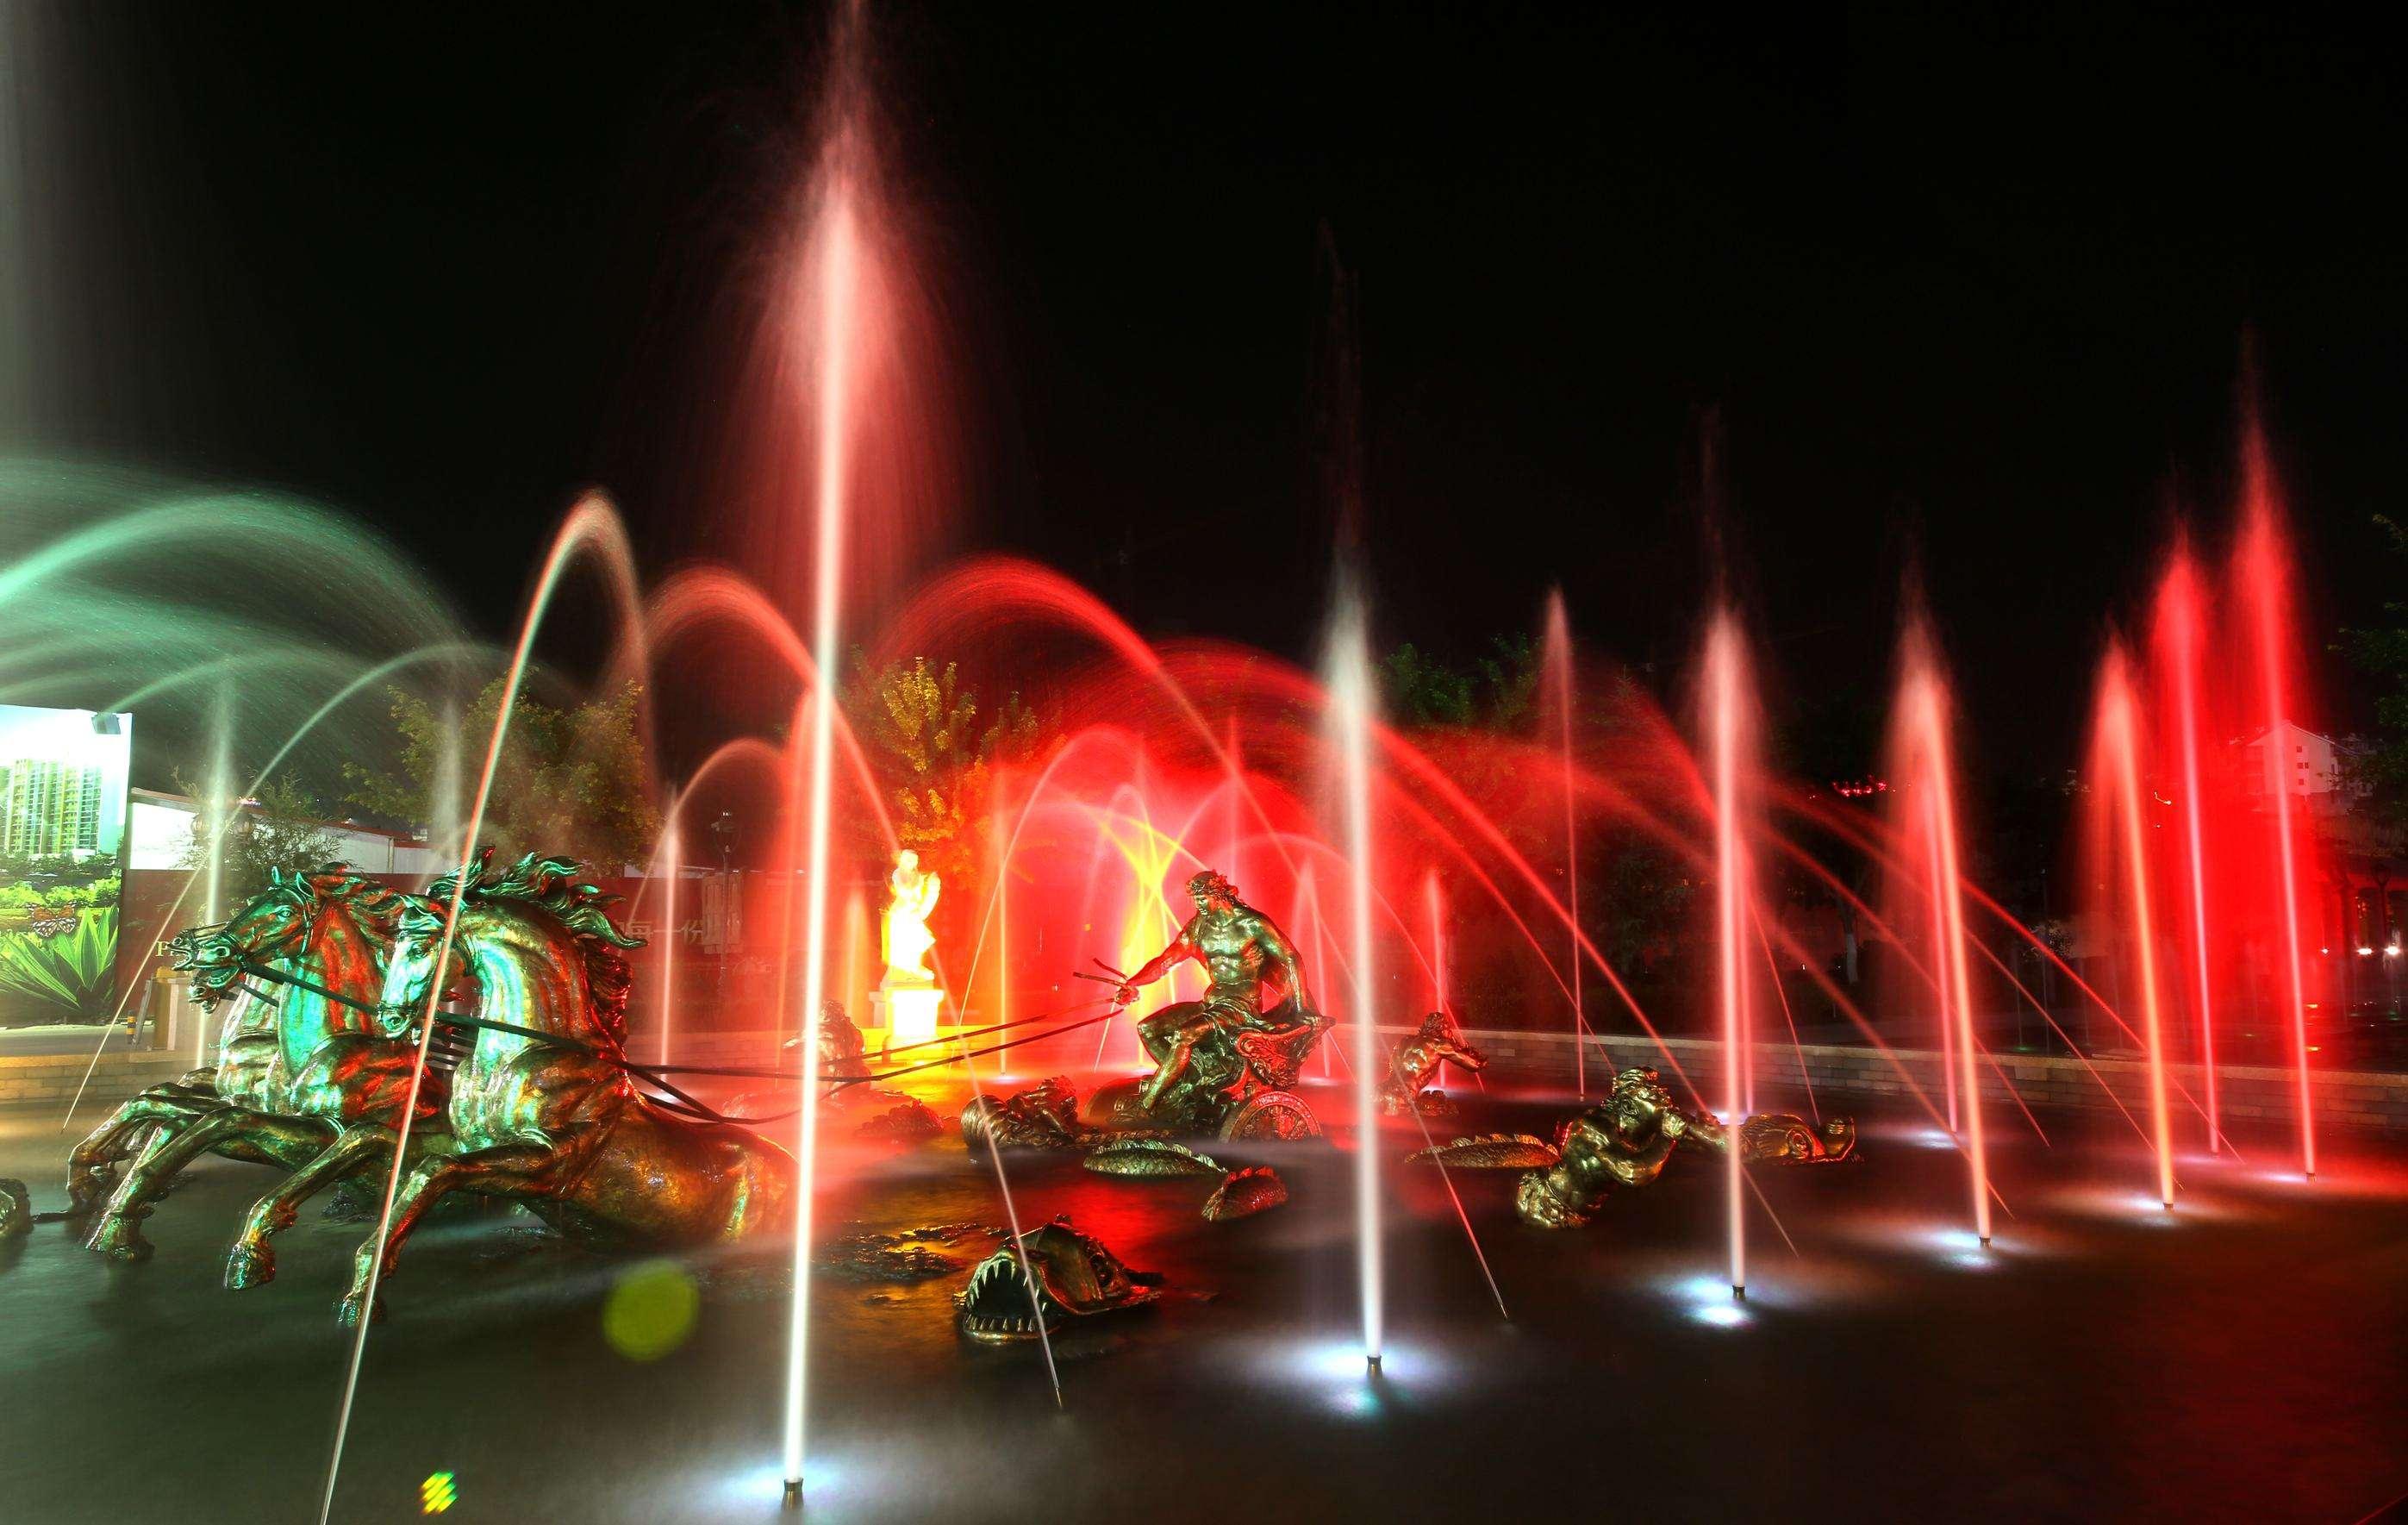 合肥大型光影水舞数码音乐喷泉